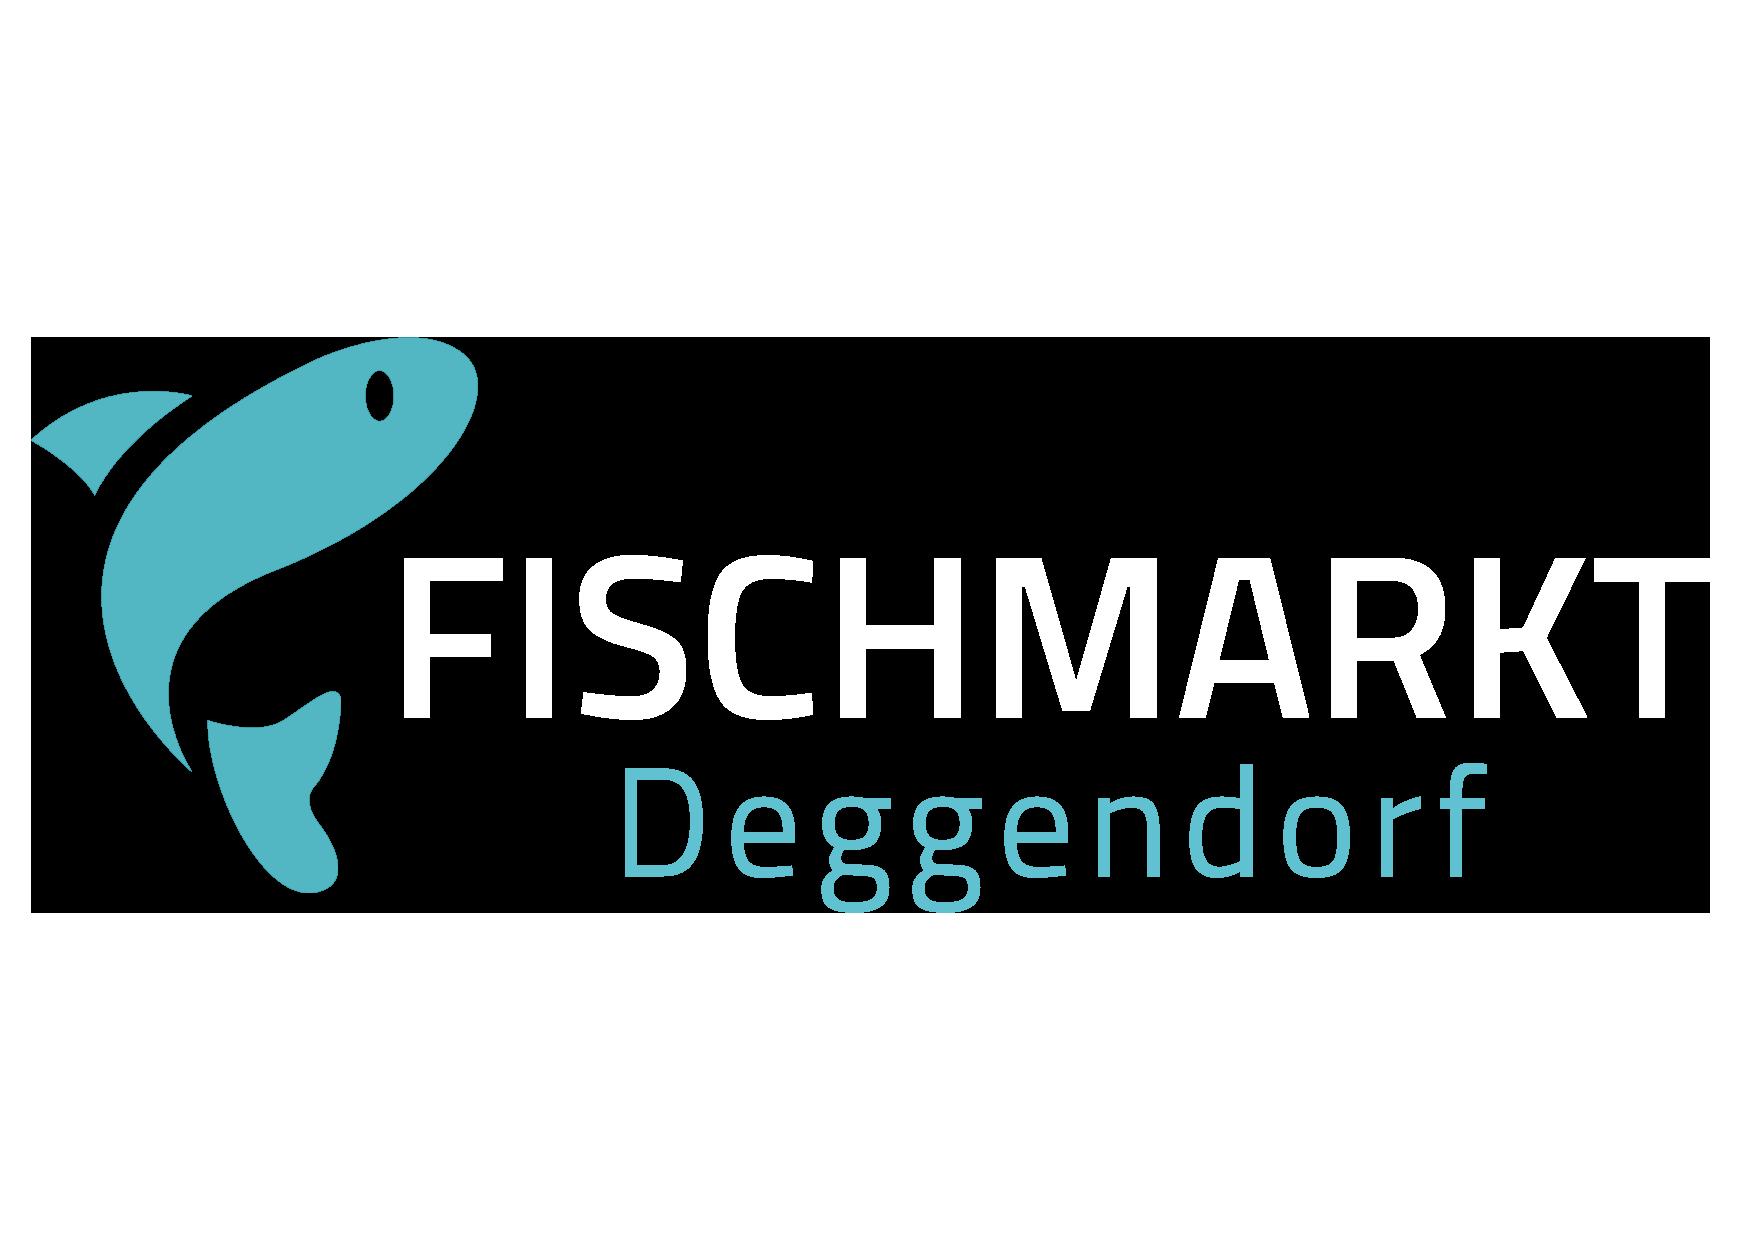 Fischmarkt Deggendorf Logo | Werbeagentur Roland C. Ritter